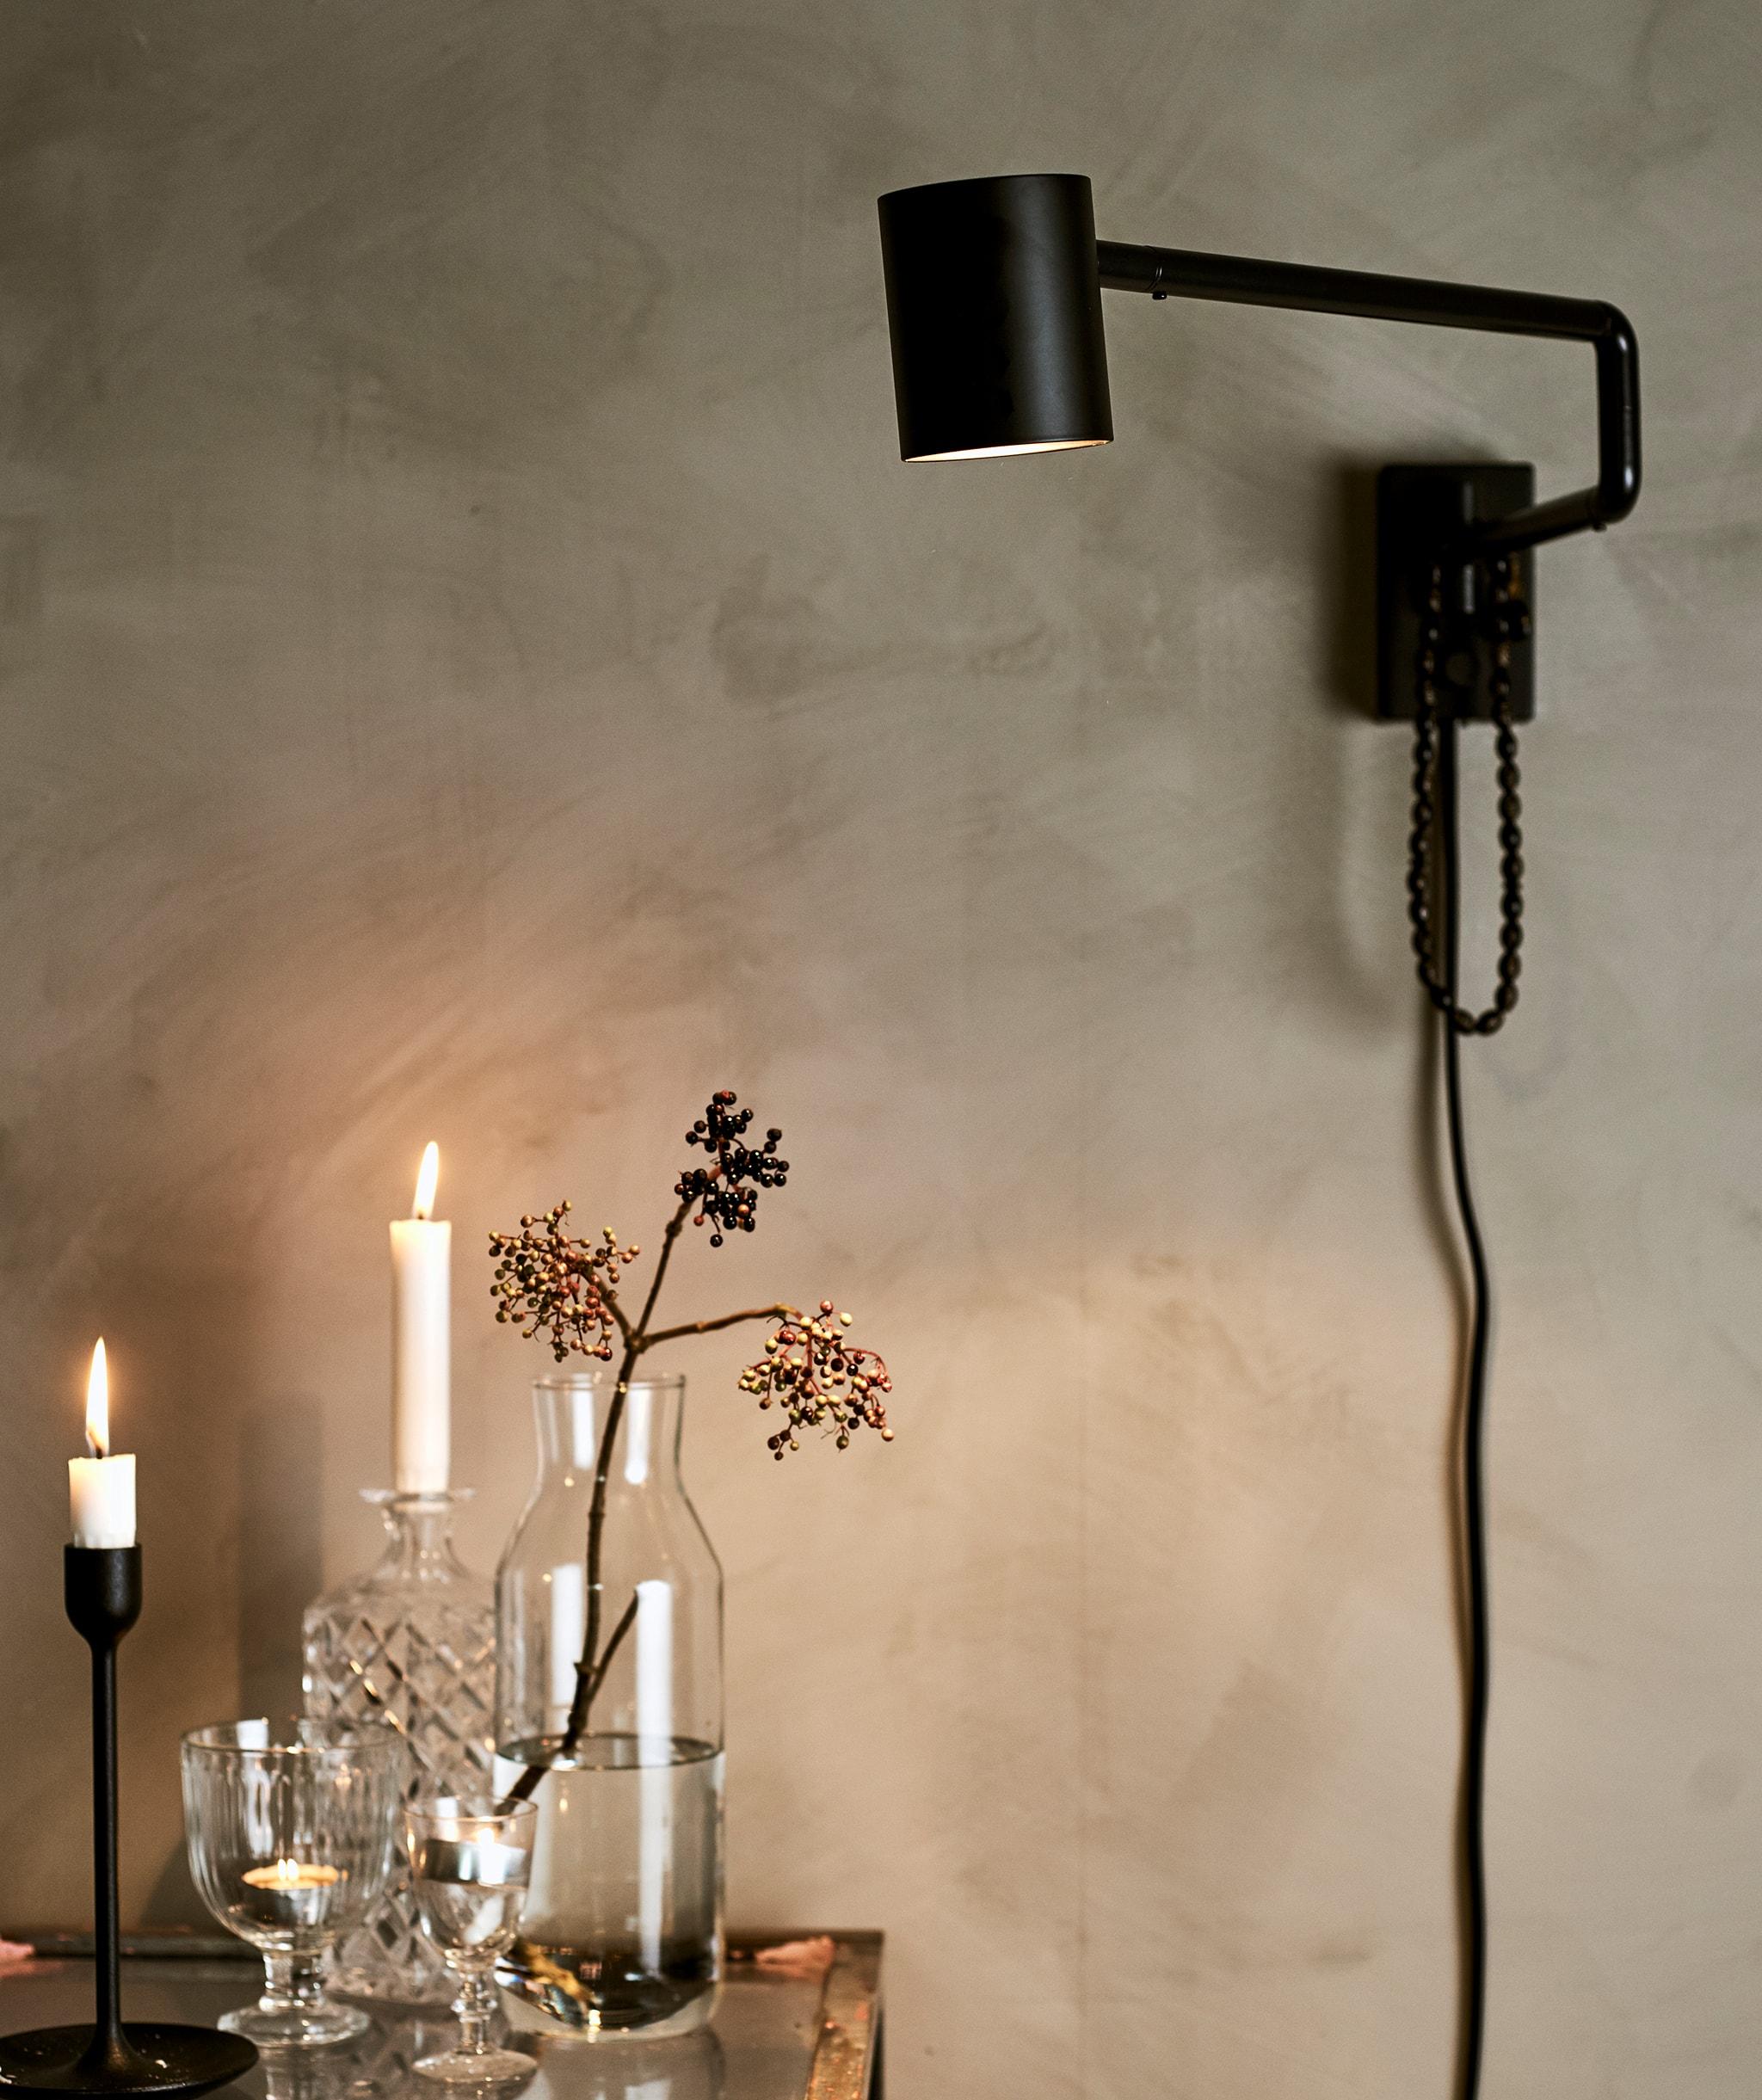 Lampu dinding berwarna hitam di dinding yang dicat abu-abu, menyinari lampu di meja kaca yang berisi gabungan bermacam gelas, lilin, dan tempat lilin.